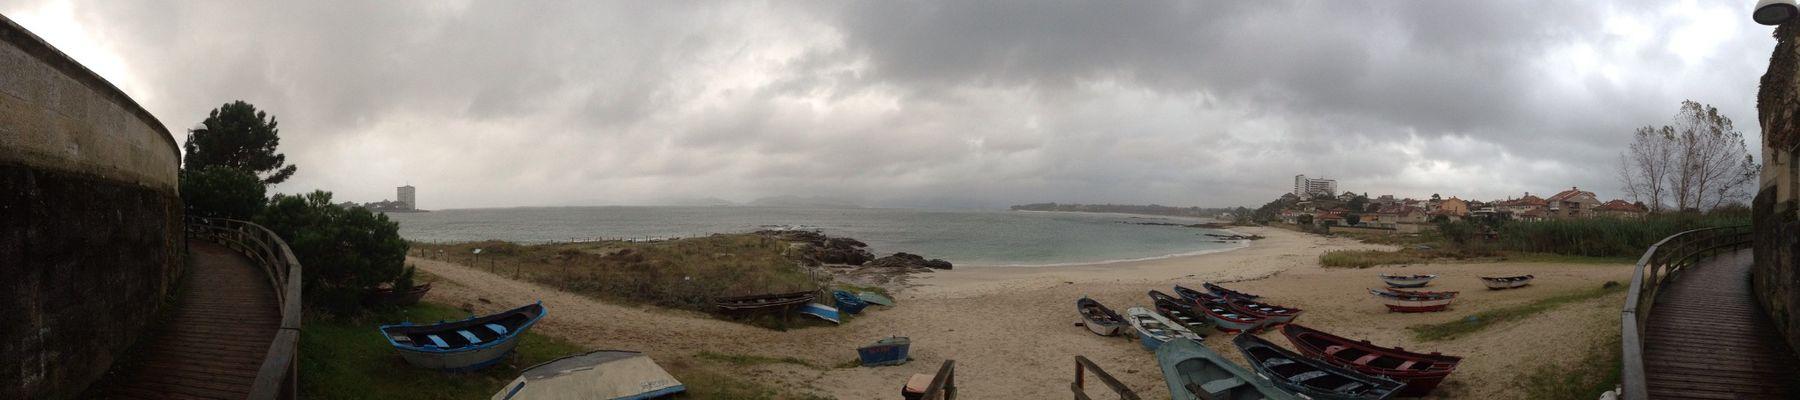 Sea Vigo, Galicia (España) #vigo #galicia #pontevedra #spain #españa Relaxing